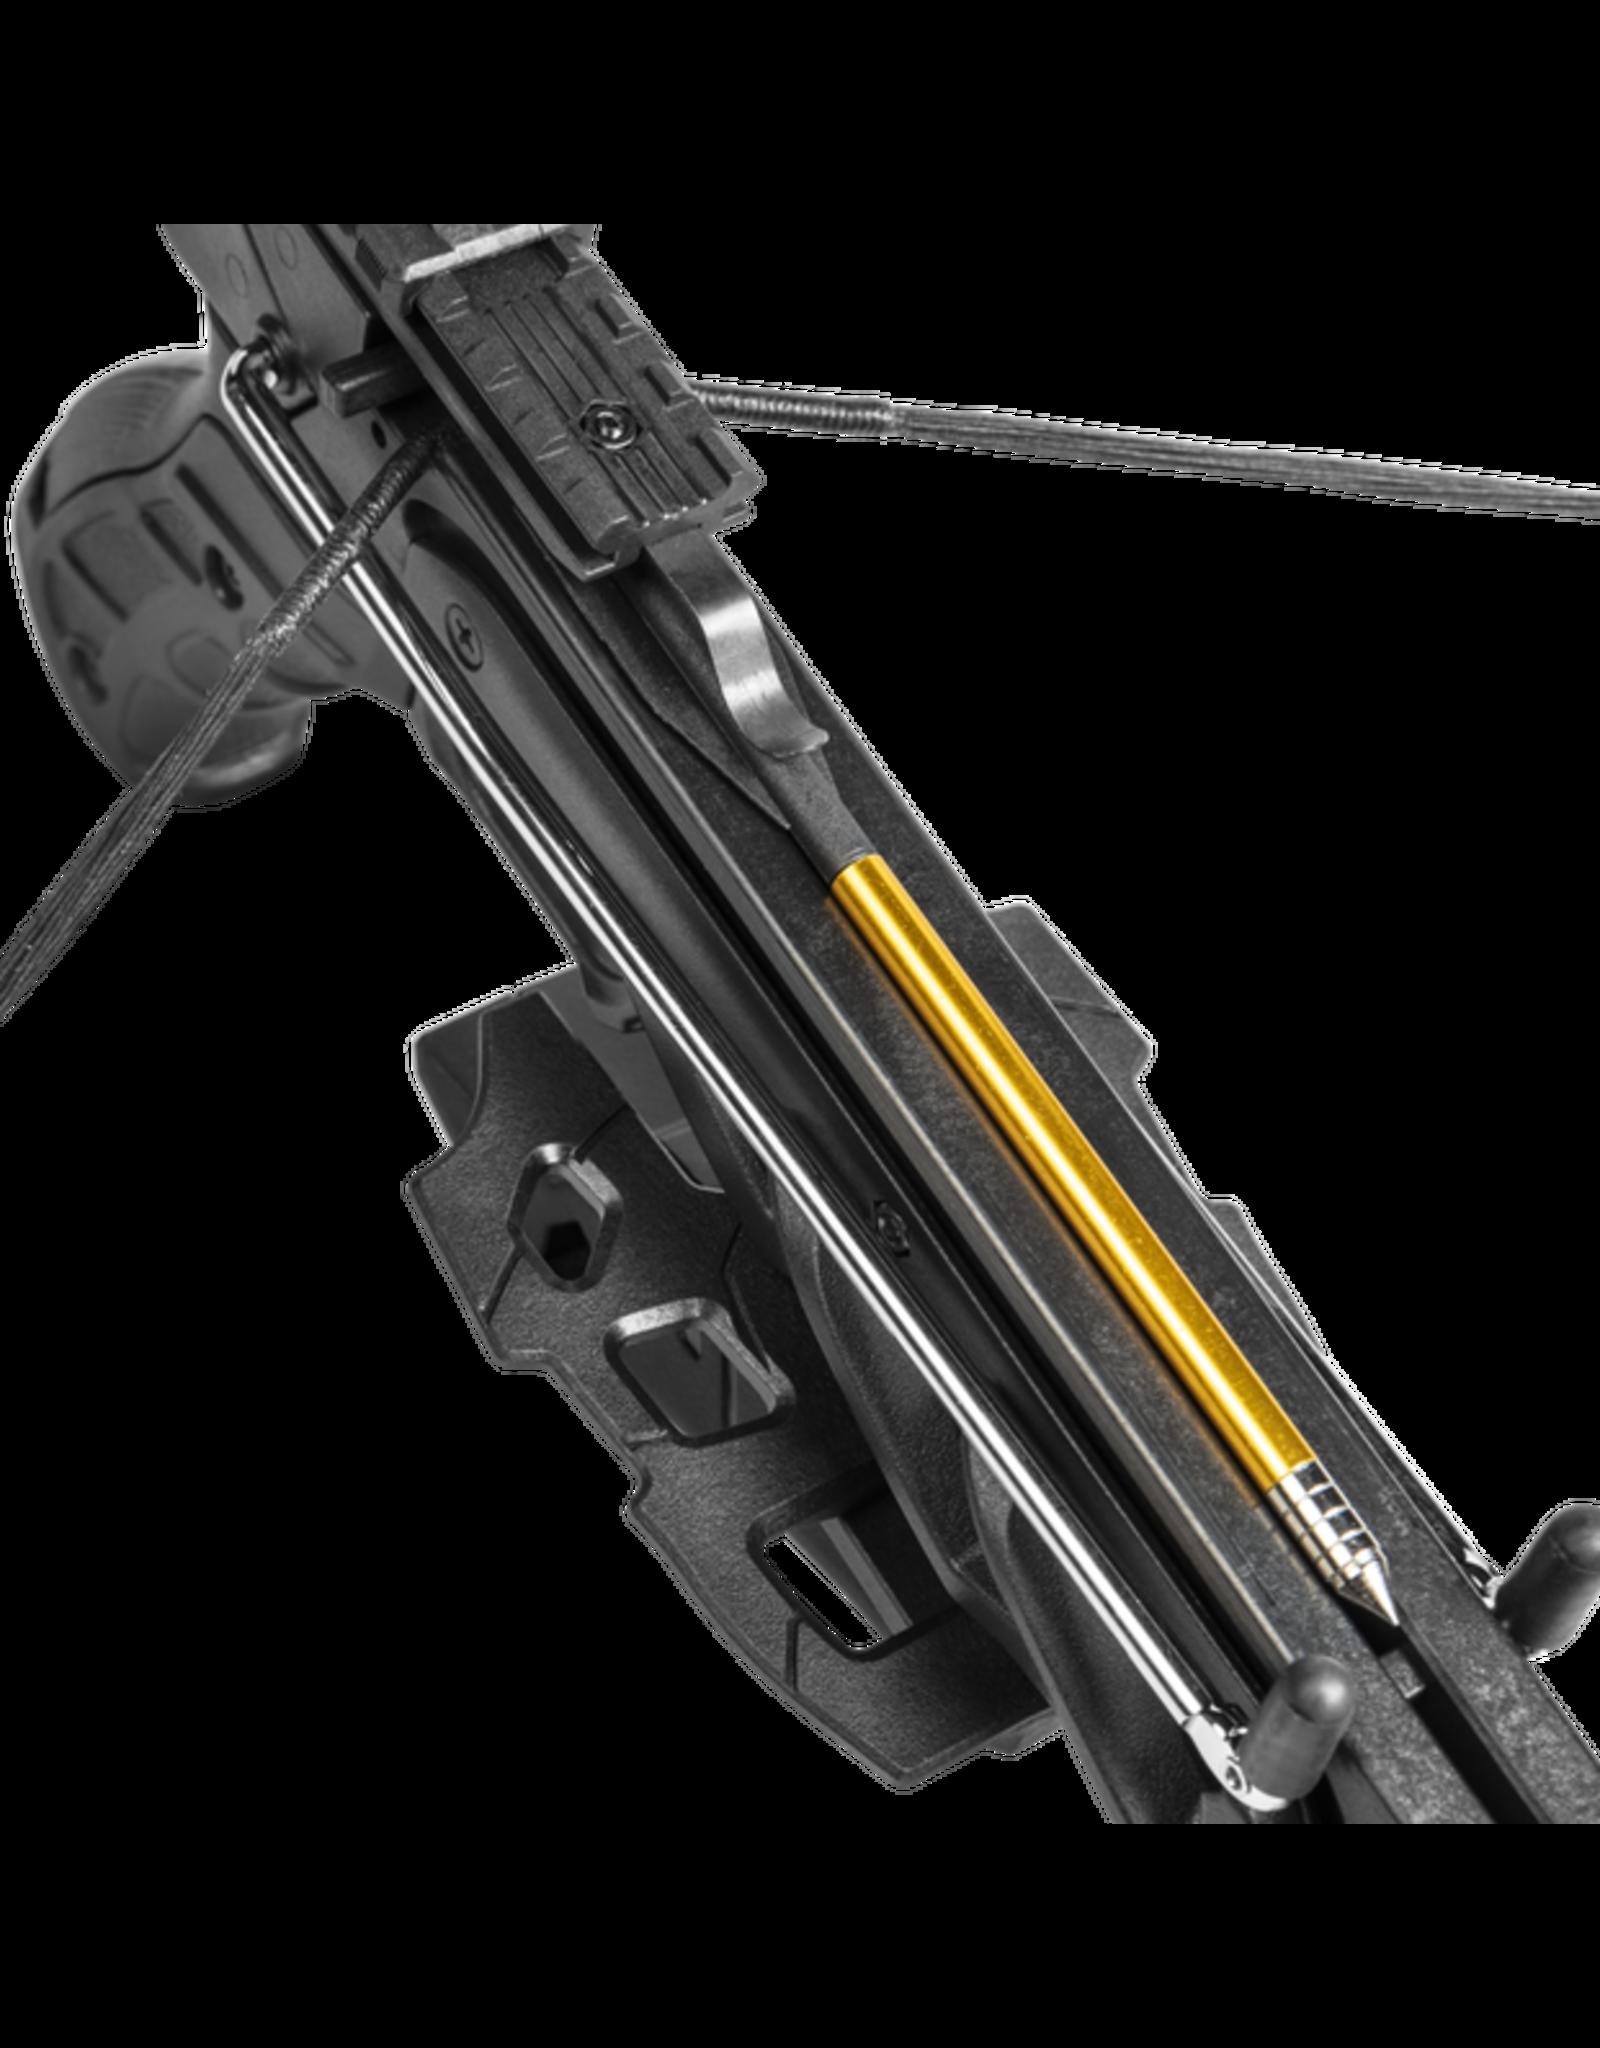 BEAR ARCHERY Bear Archery Desire XL Pistol Crossbow